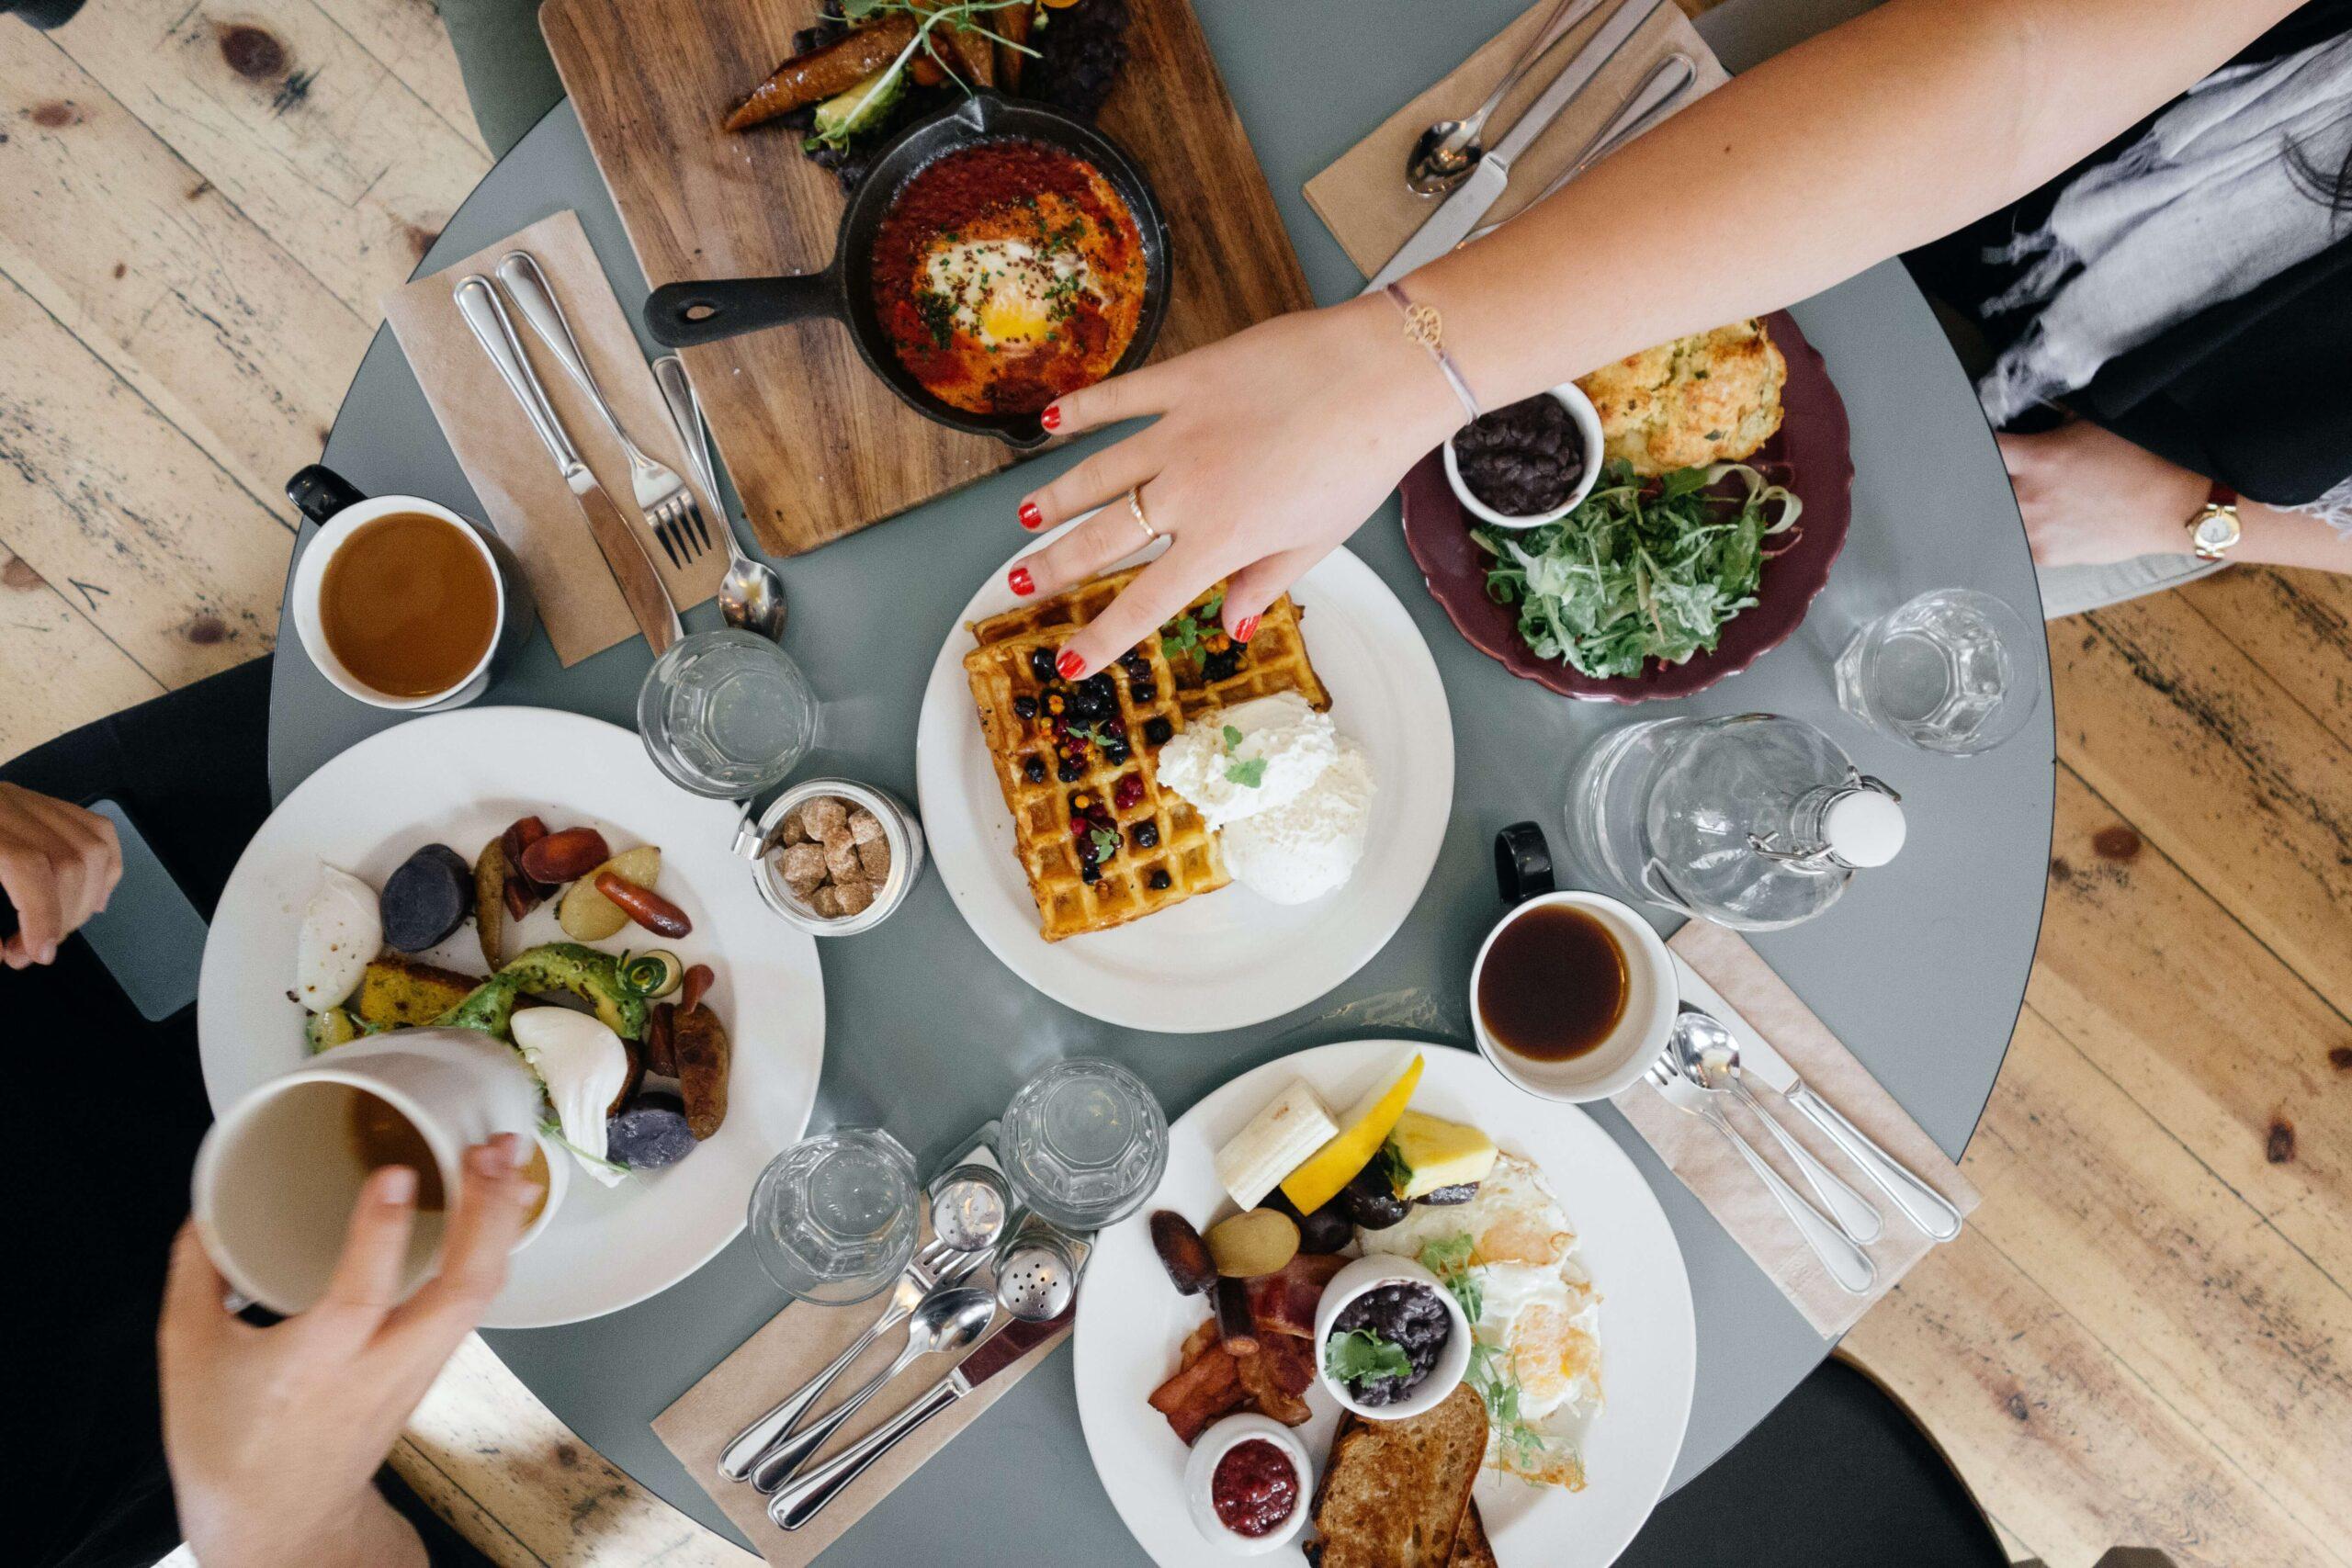 ライザップの宅食弁当|サポートミールのよい口コミや評判